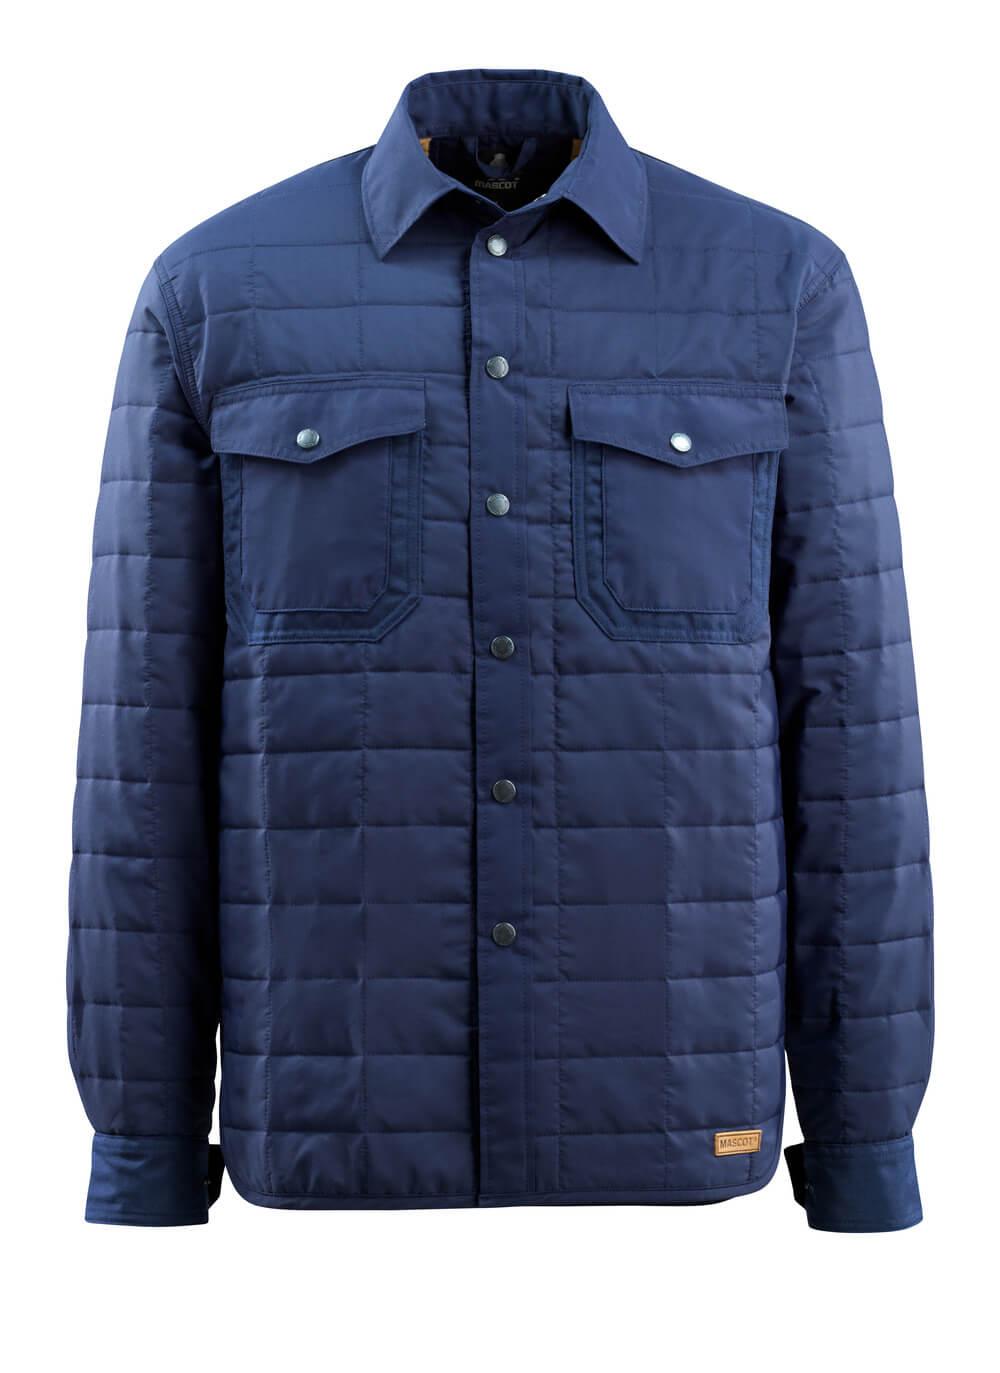 15304-097-01 Skjorte med fór - marine